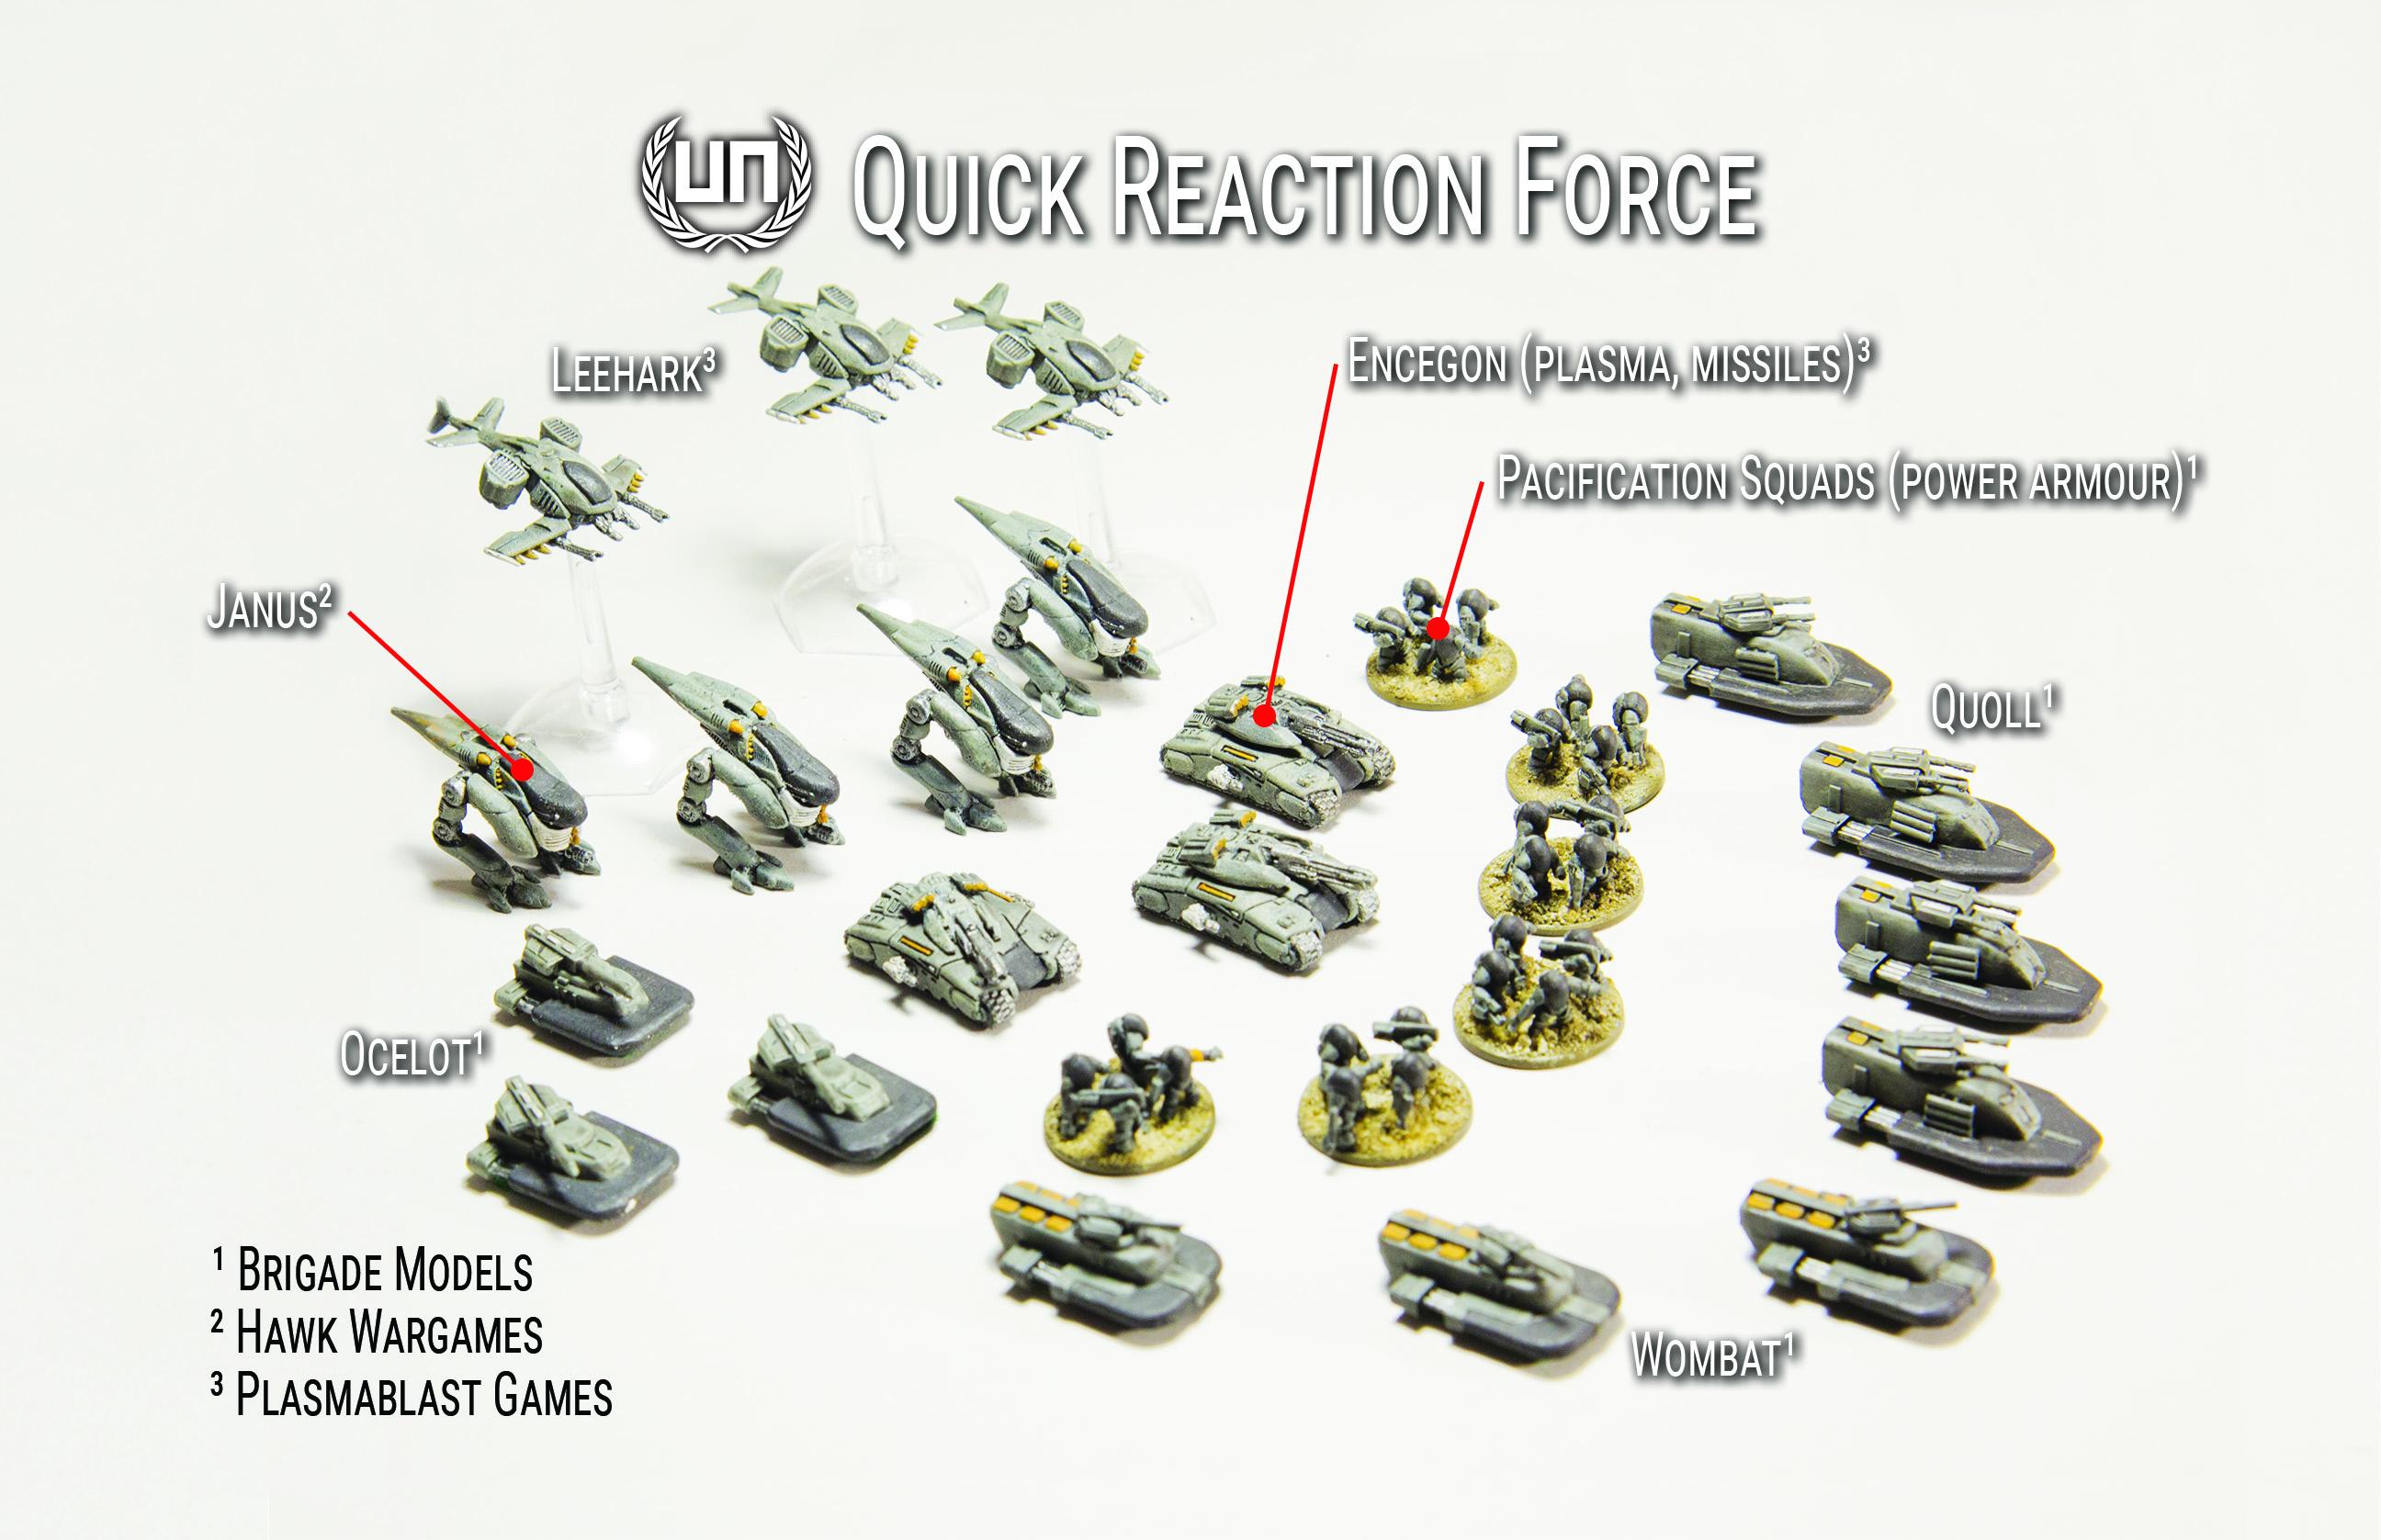 UN Quick Reaction Force Miniatures